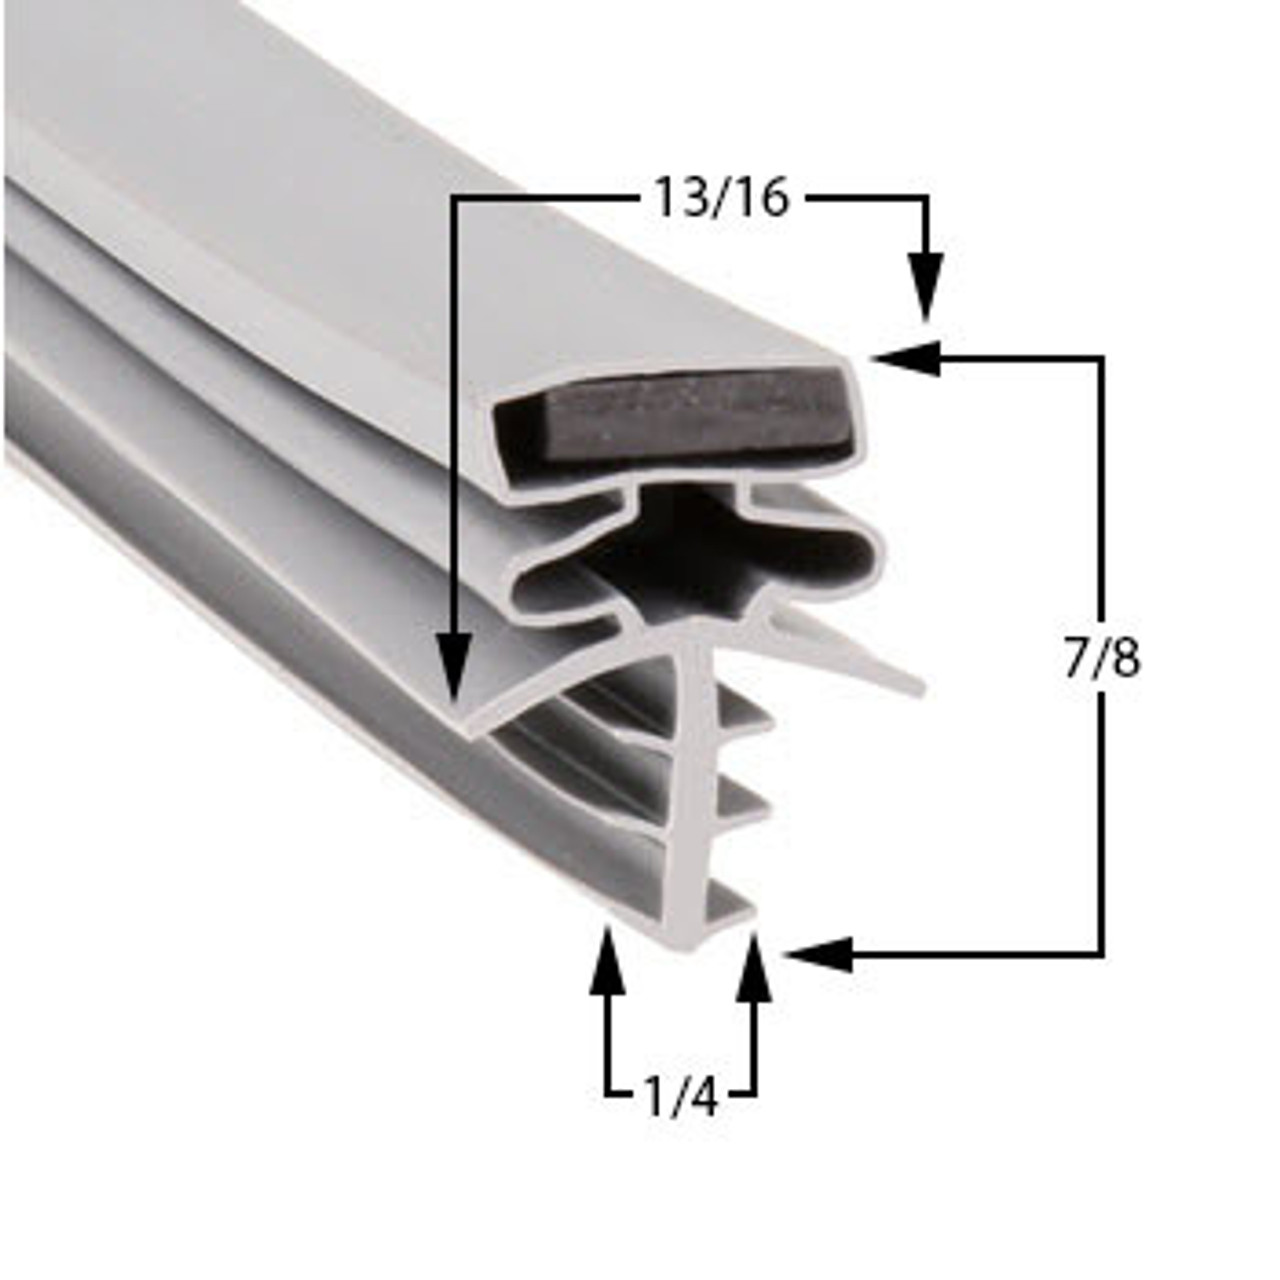 Brown Door Gasket Profile 301 35 1/4 x 78 3/8 -A2.0429-2